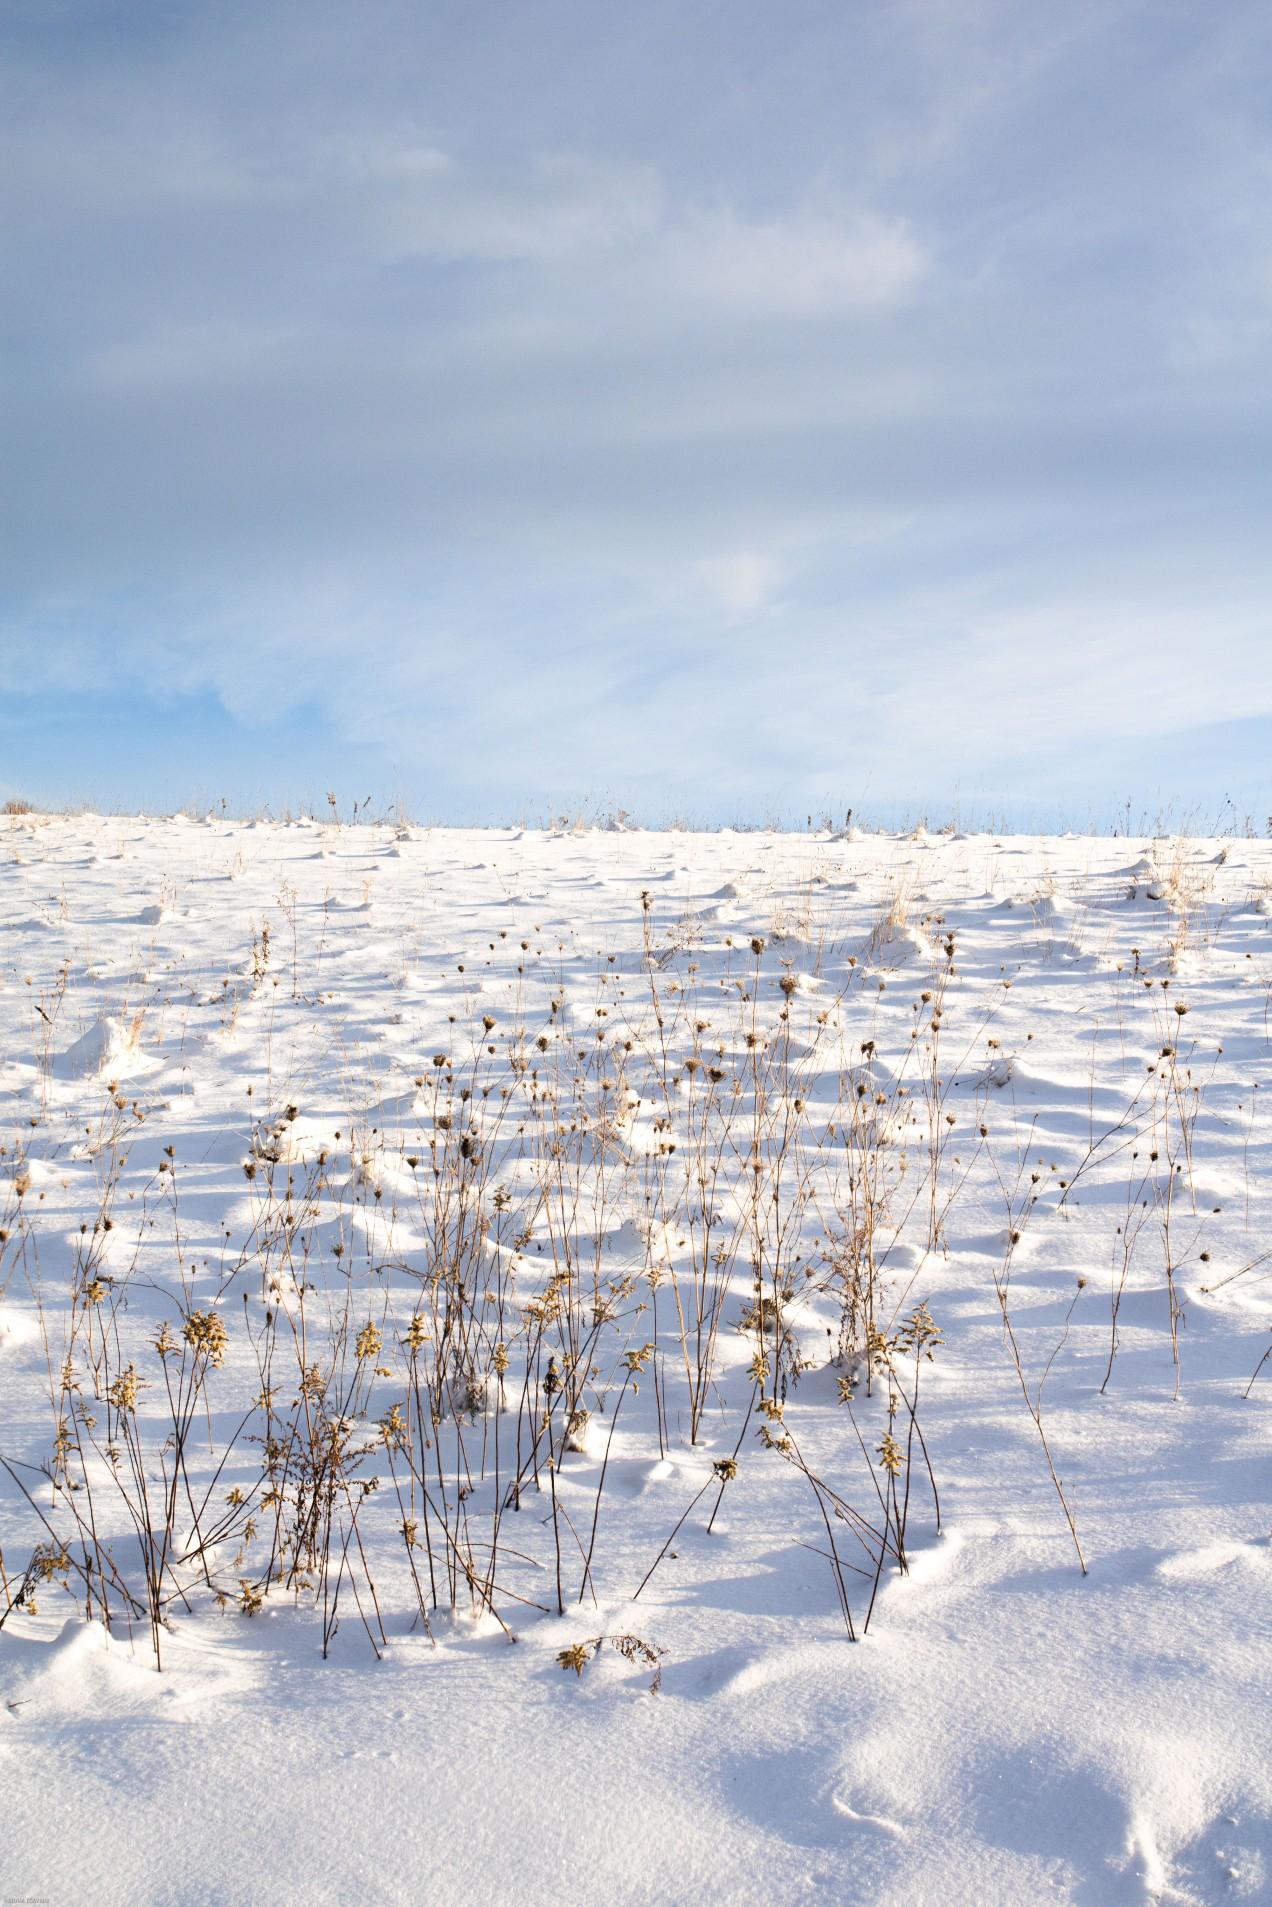 off flood blank field sky winter snow